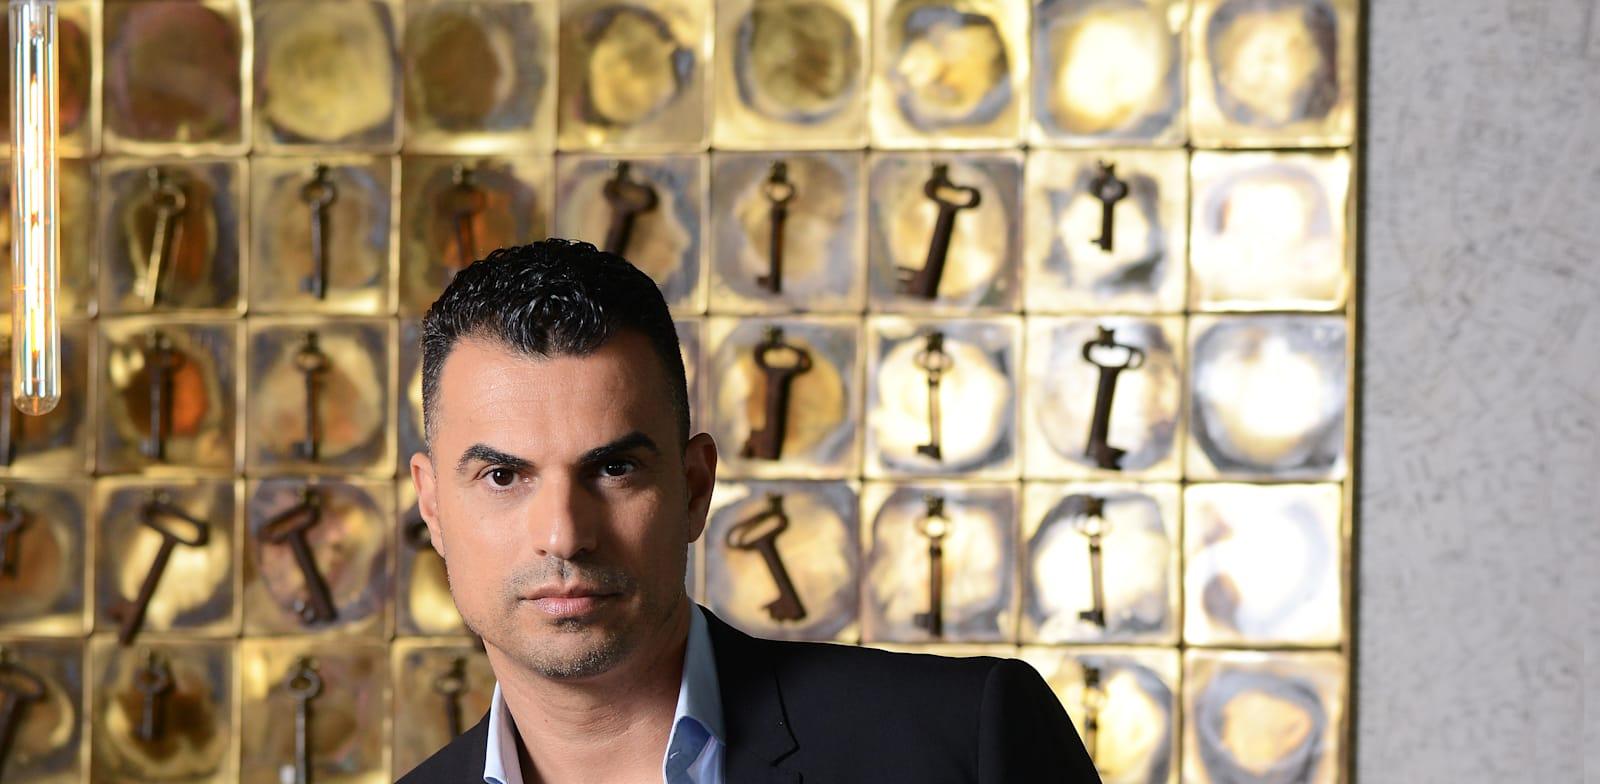 עמיר שאלתיאל - חברת אלדר / צילום: איל יצהר